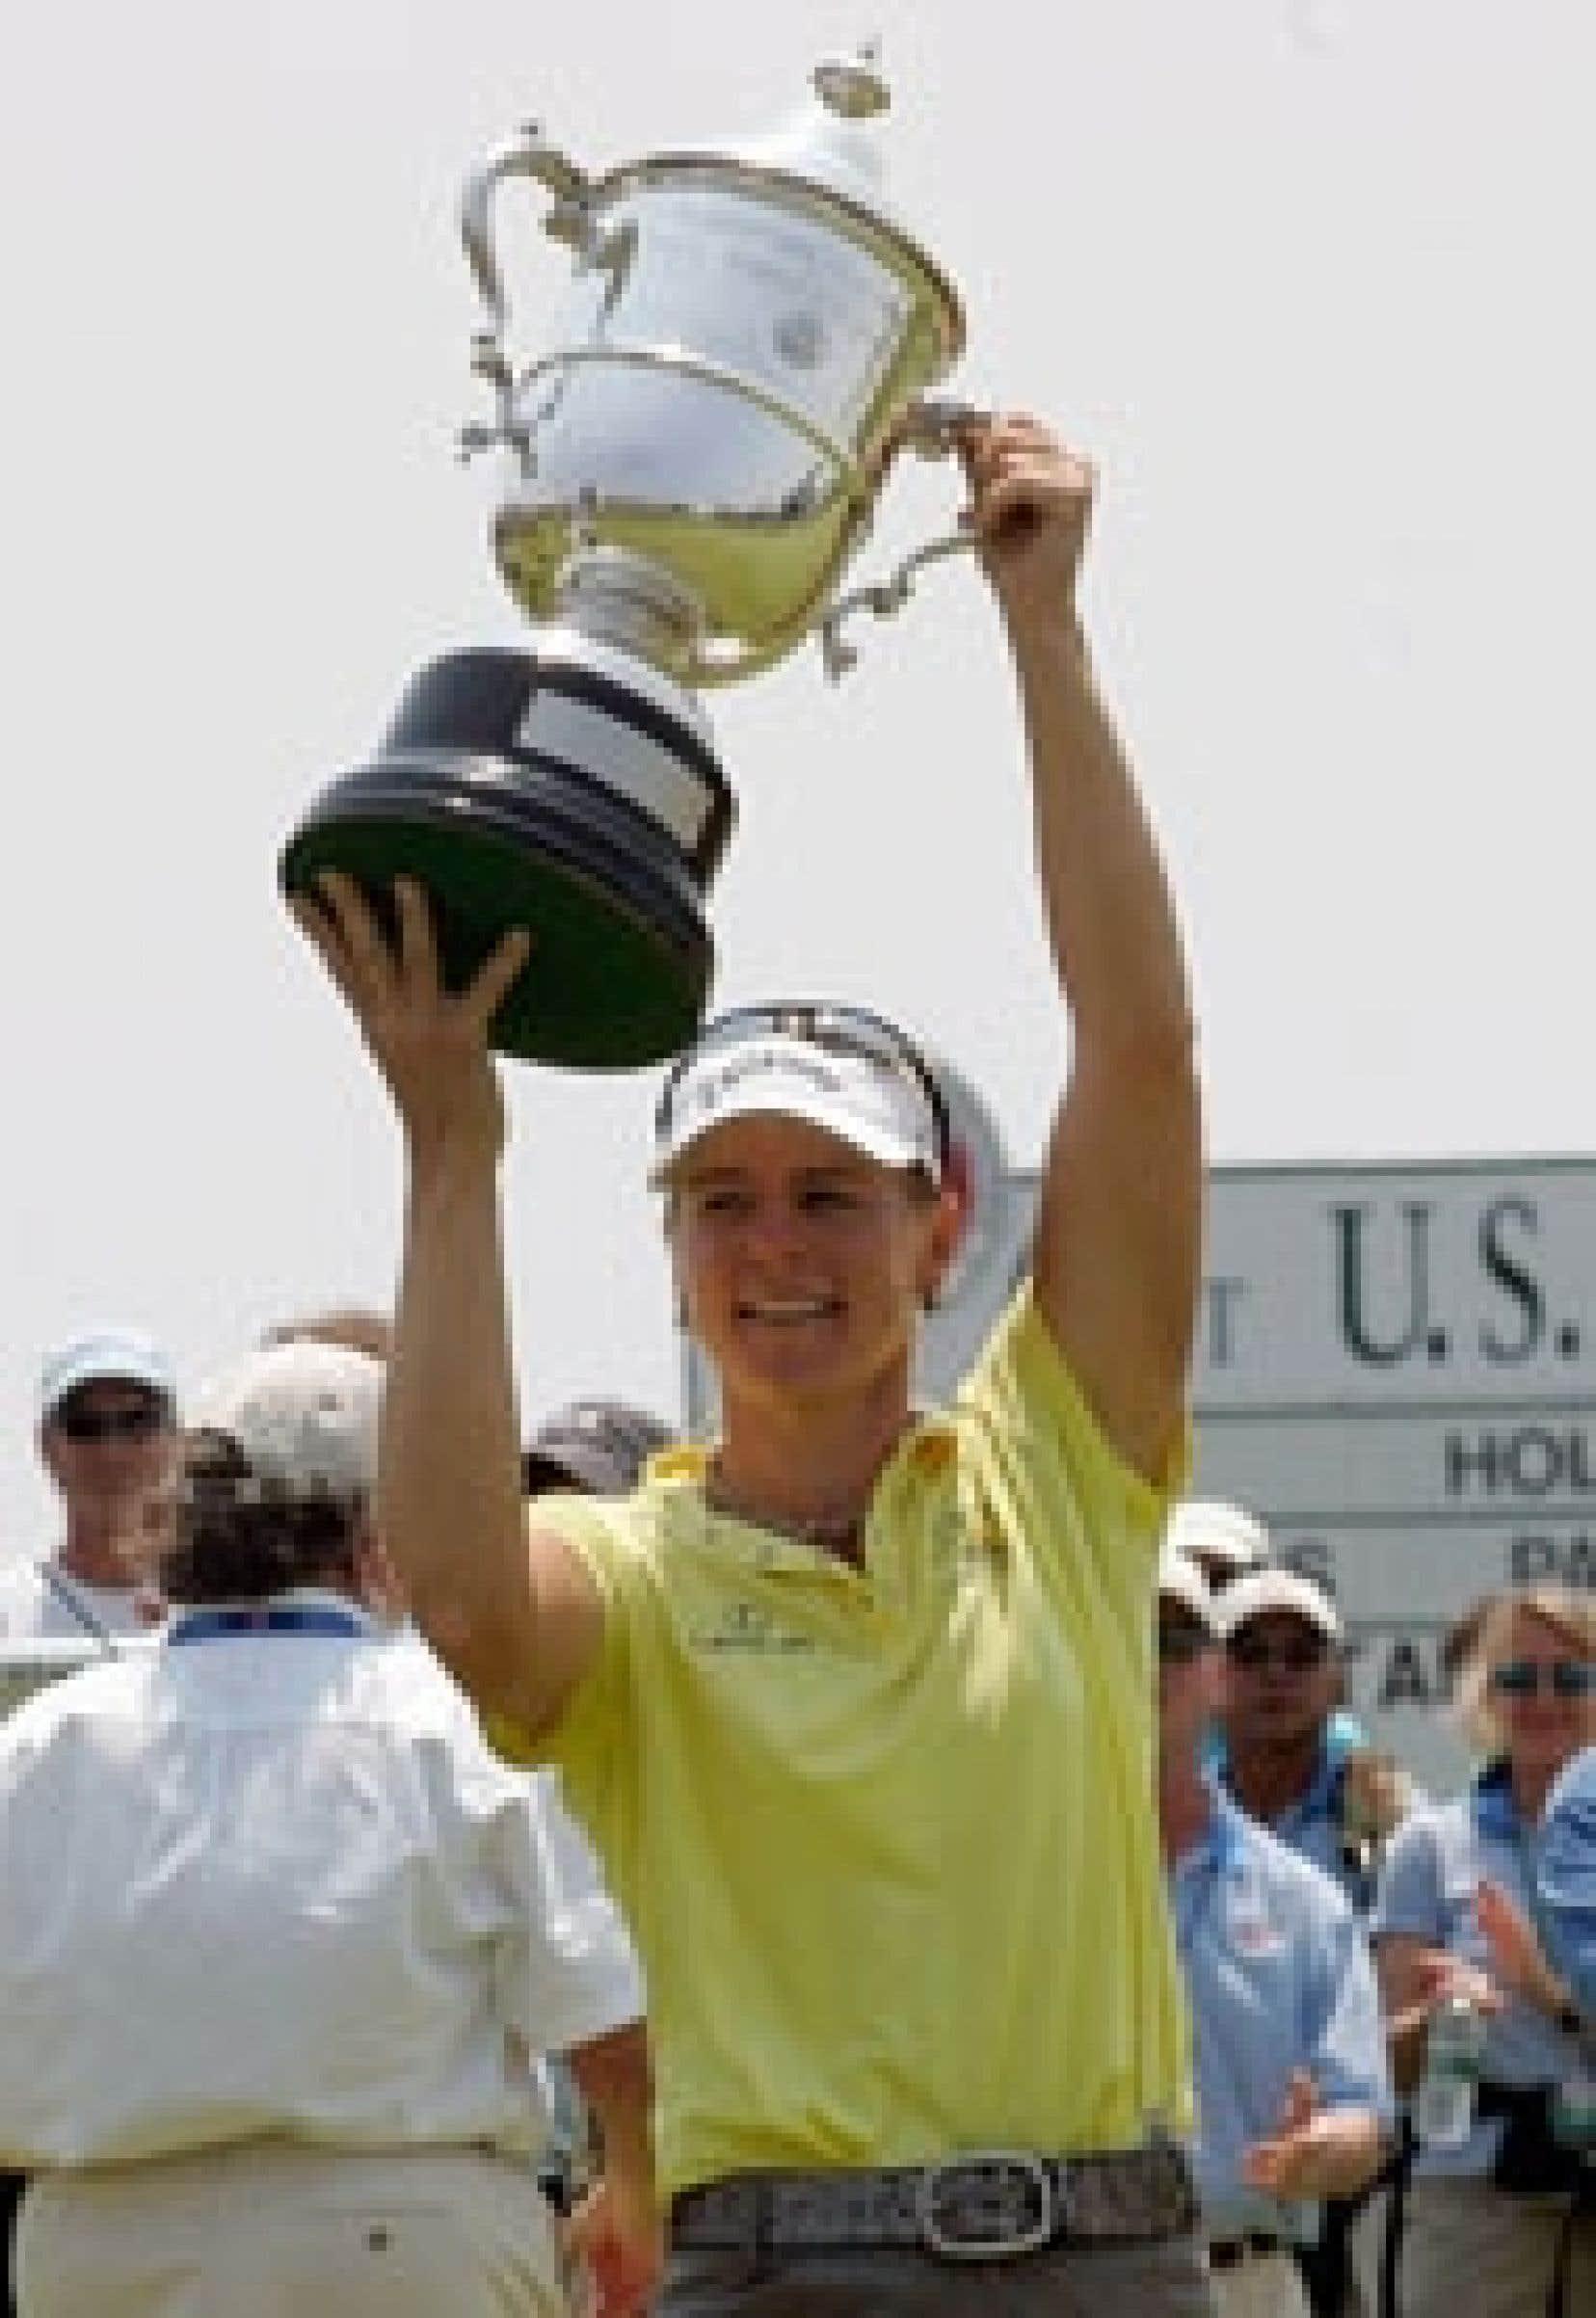 Annika Sorenstam semblait fière de sa victoire hier, après avoir remporté l'Omnium féminin des États-Unis.